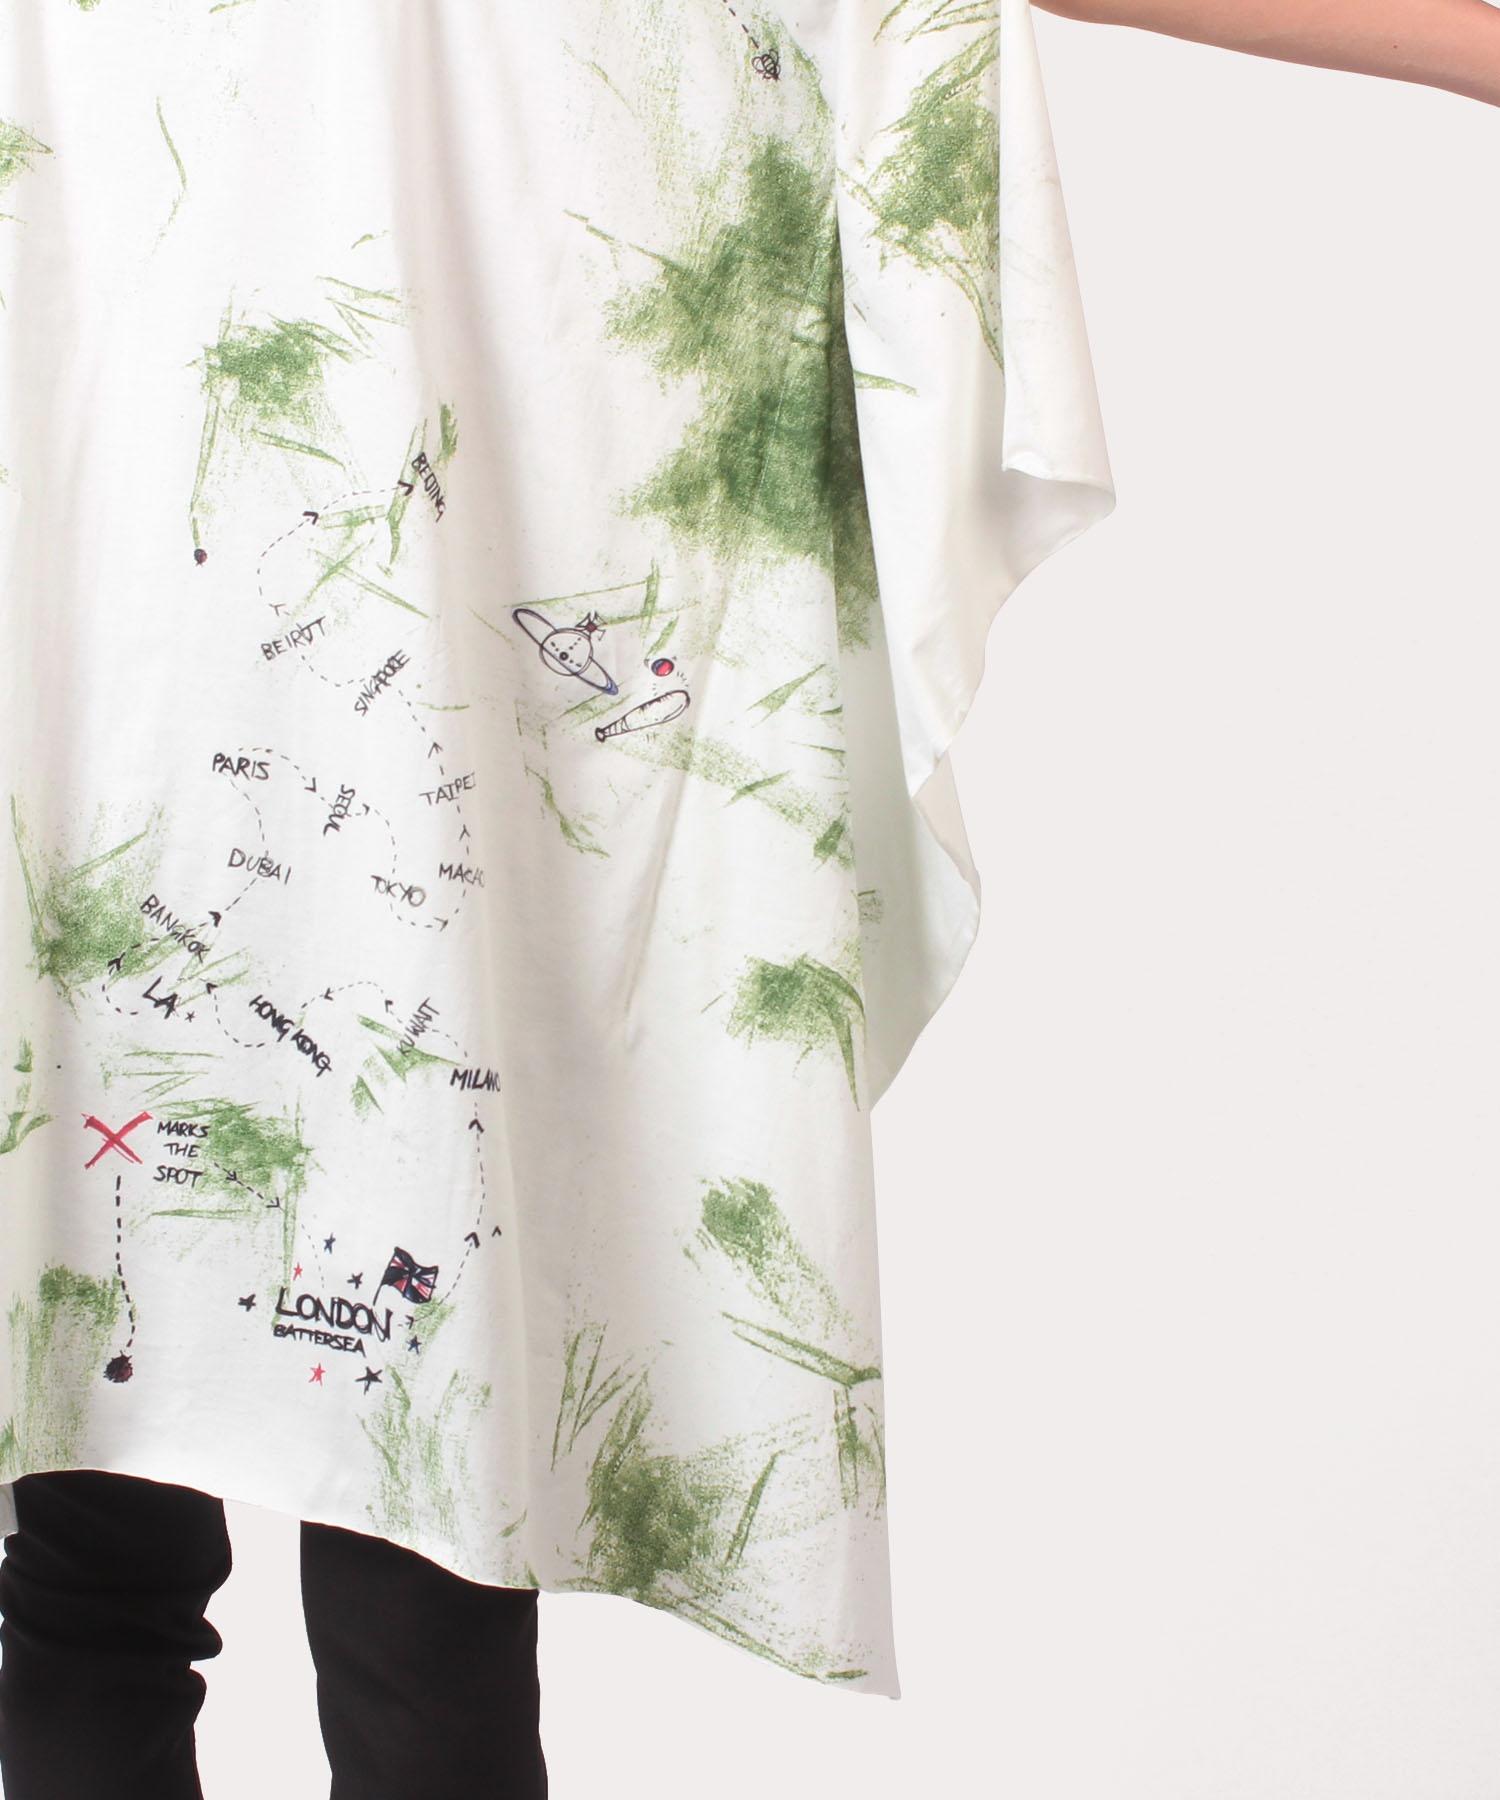 ピクニック エレファントドレープチュニック半袖Tシャツ